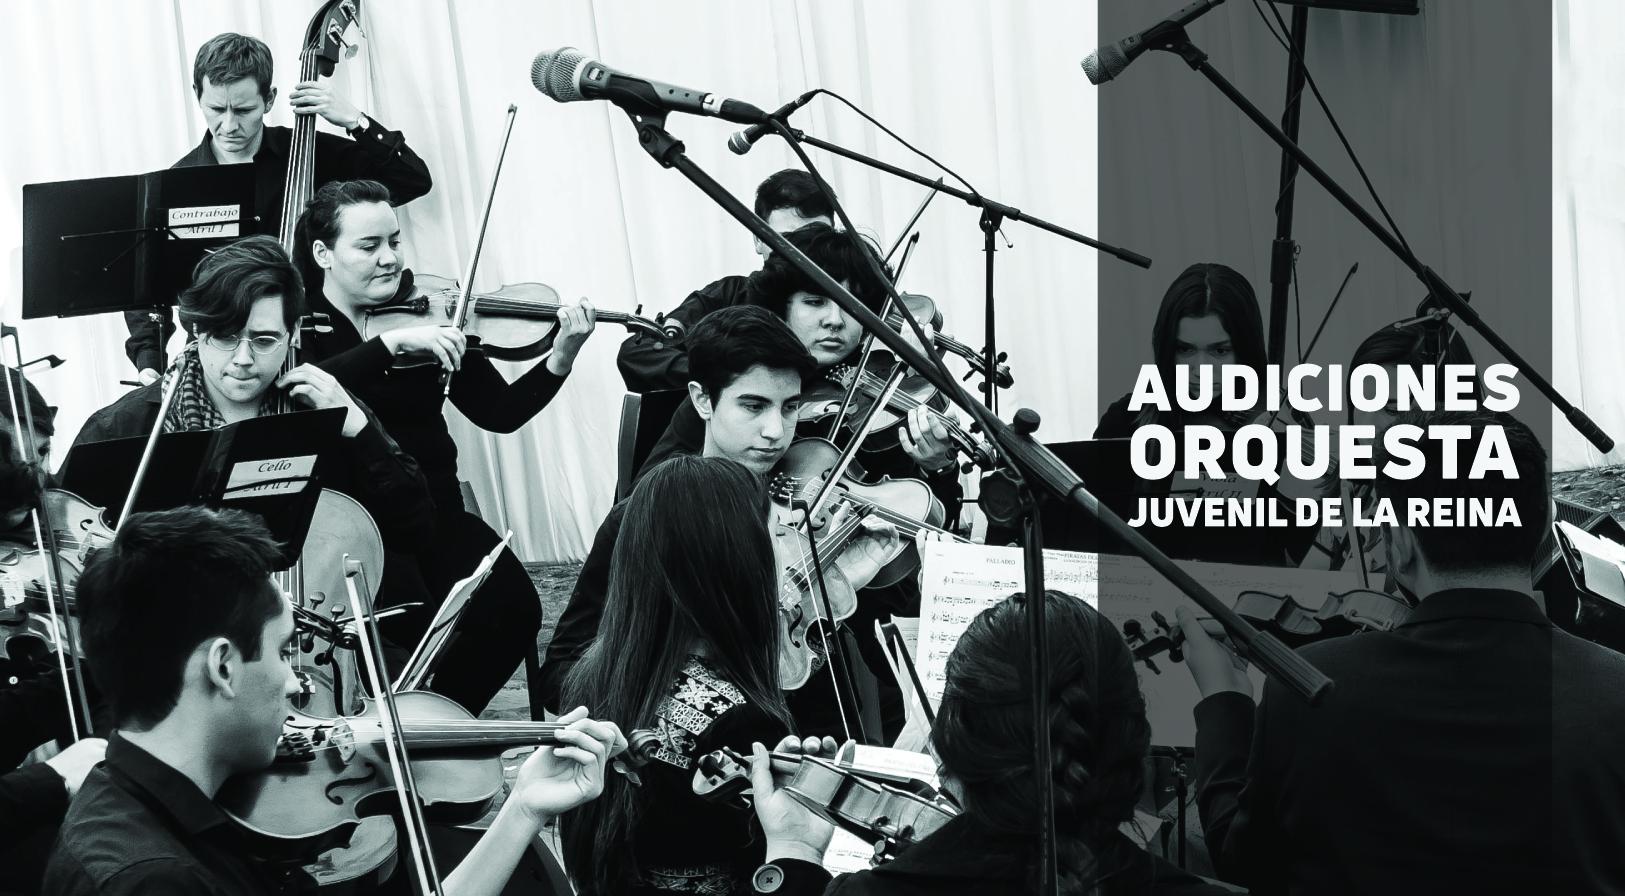 Audiciones Orquesta Juvenil de La Reina 2019